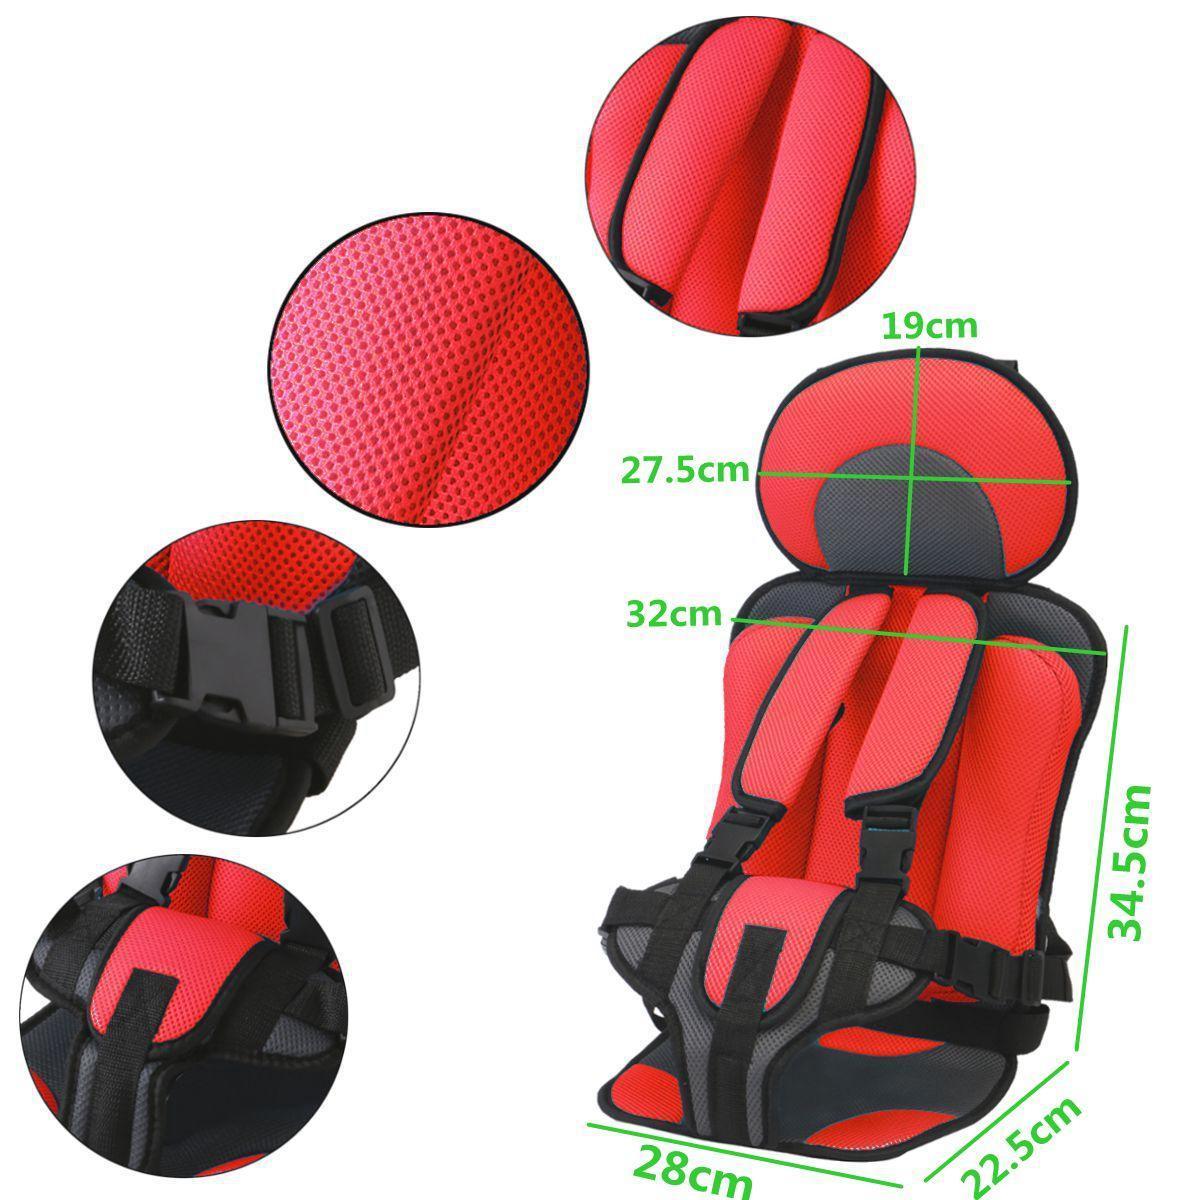 Ghế ngồi đa năng an toàn trên xe hơi cho...